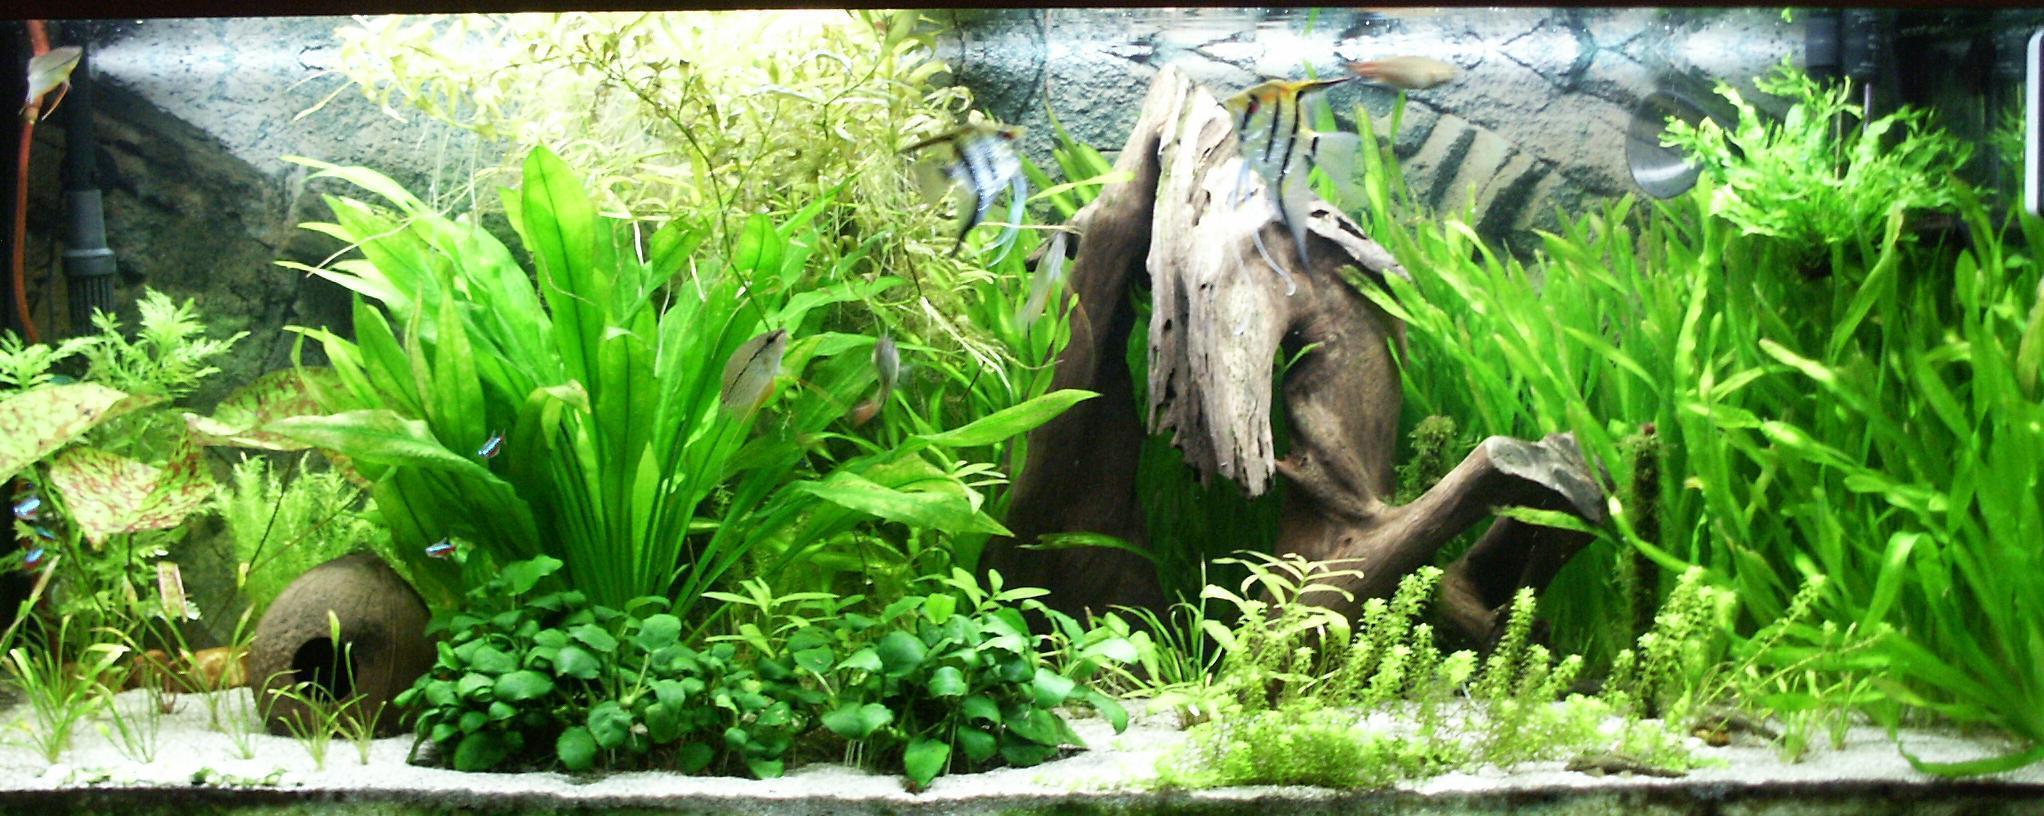 Essential advice for starting a home aquarium | Boneblogger ...